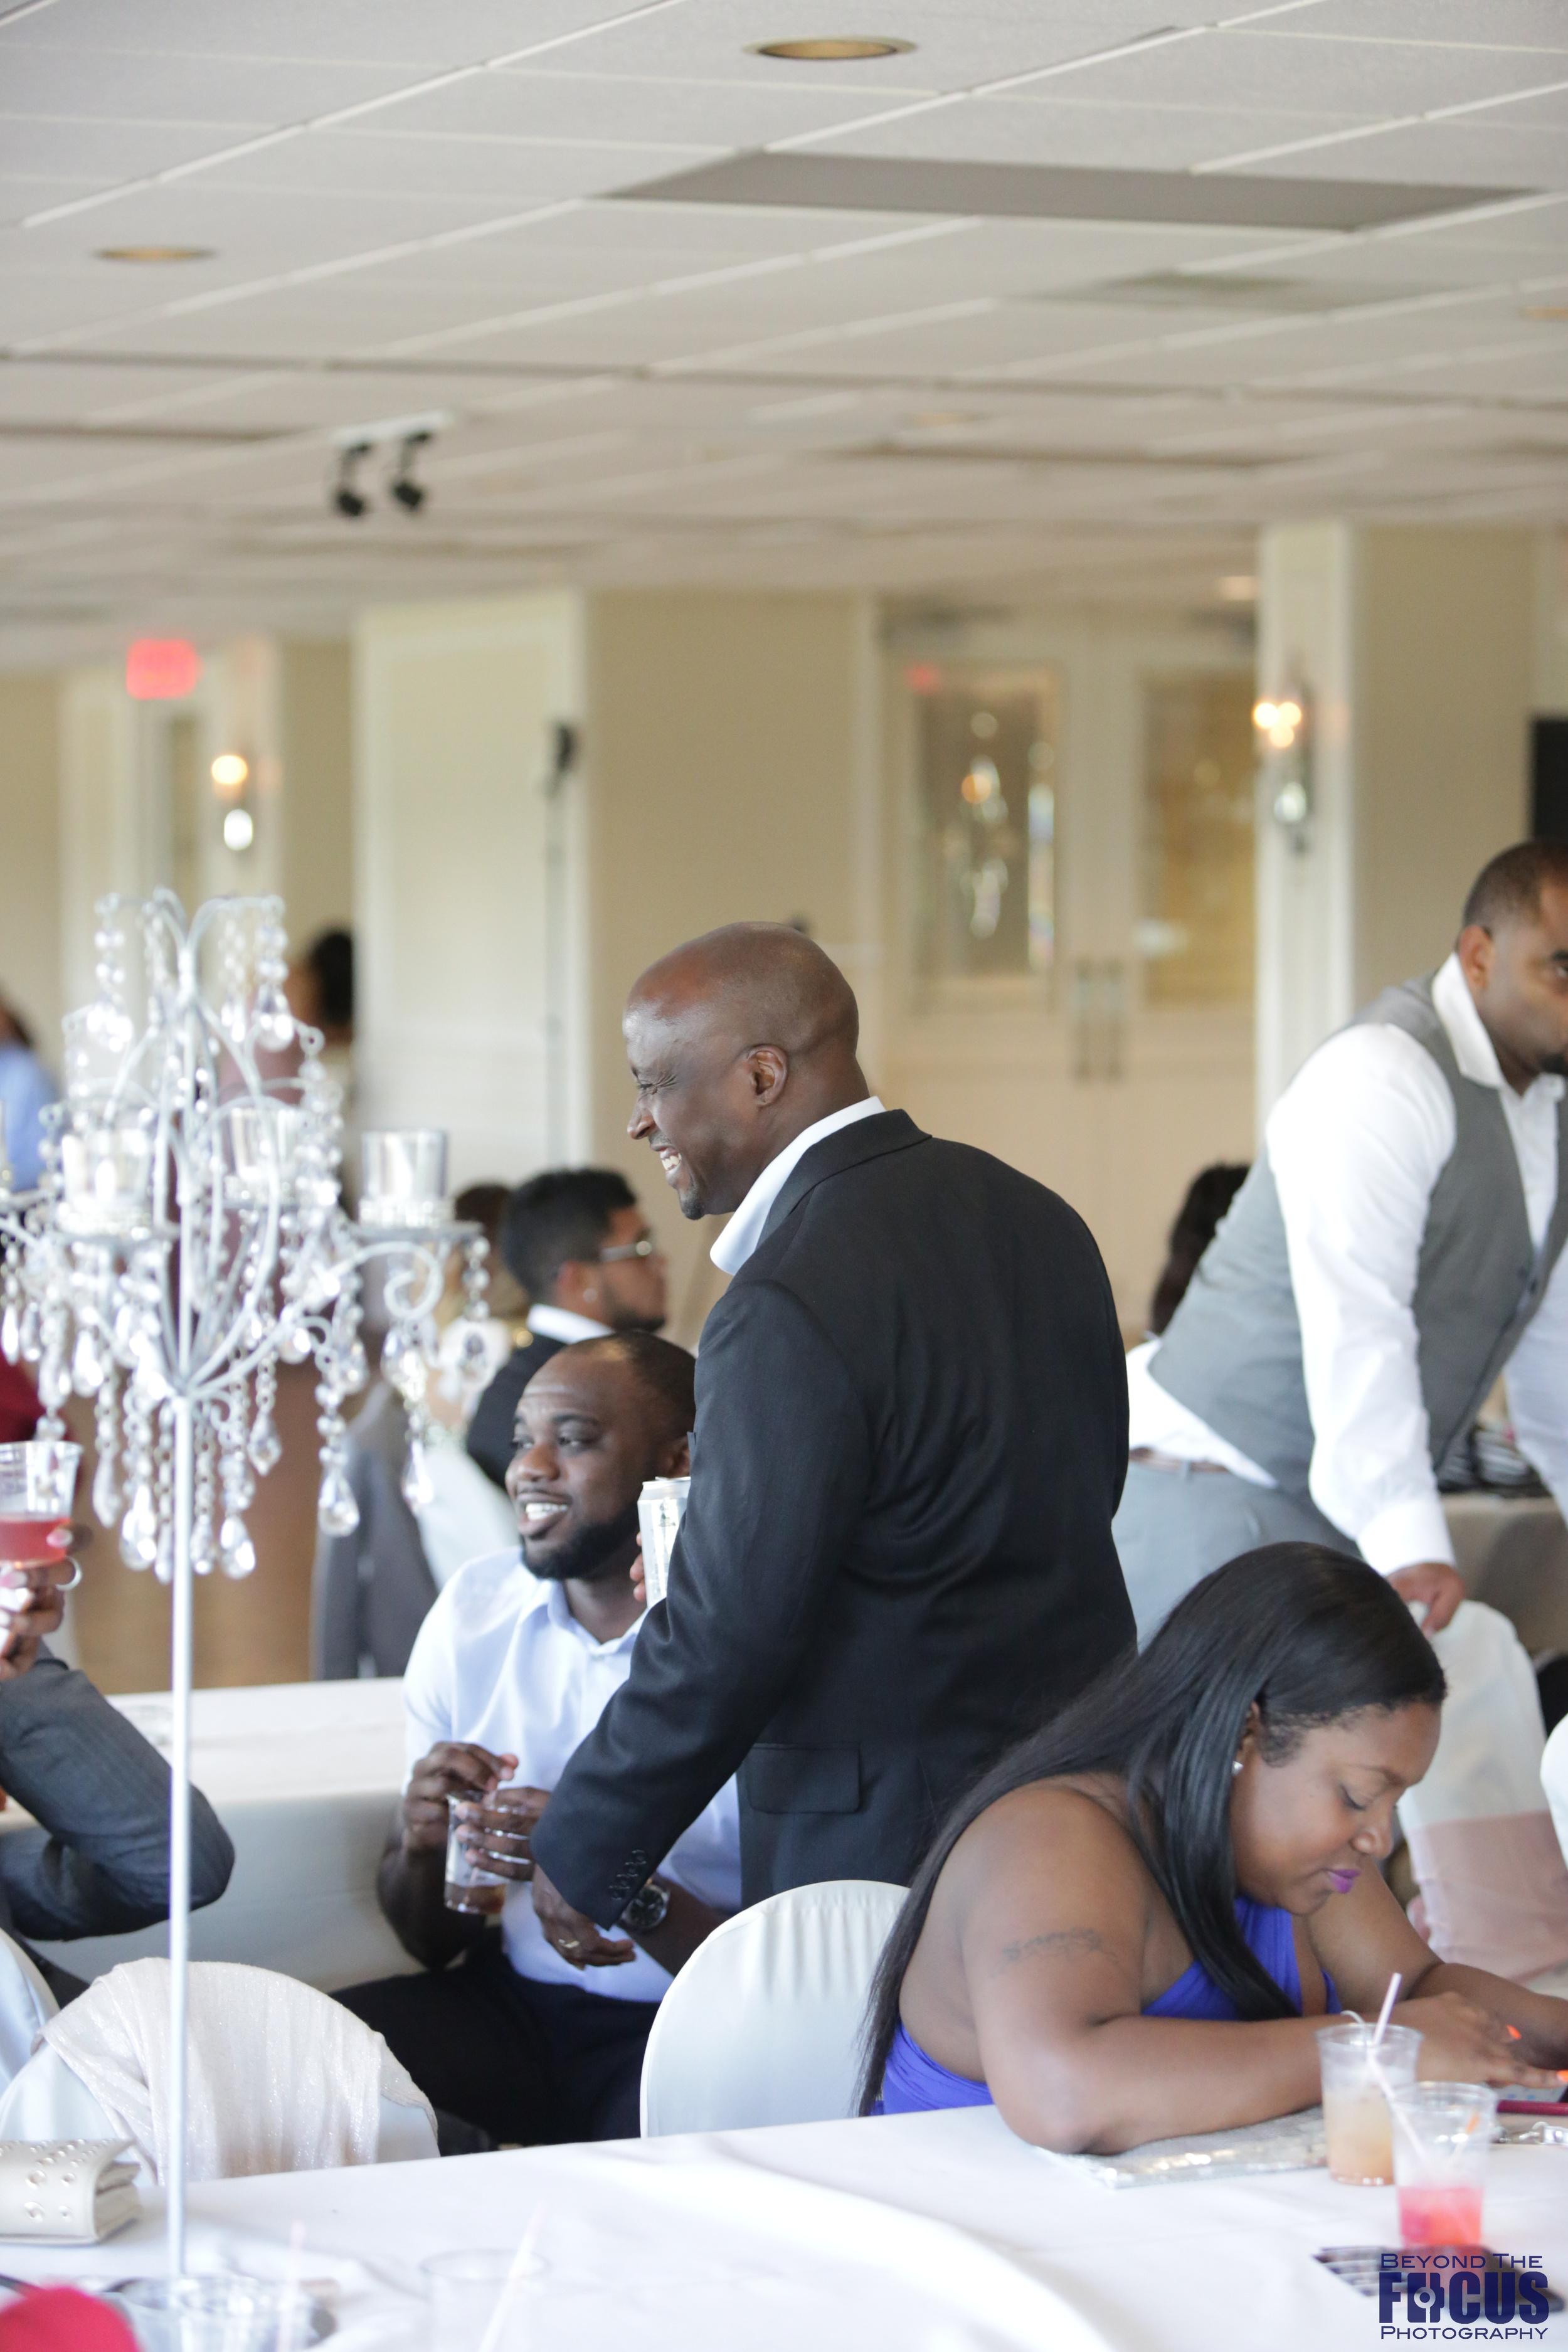 Palmer Wedding - Reception 240.jpg